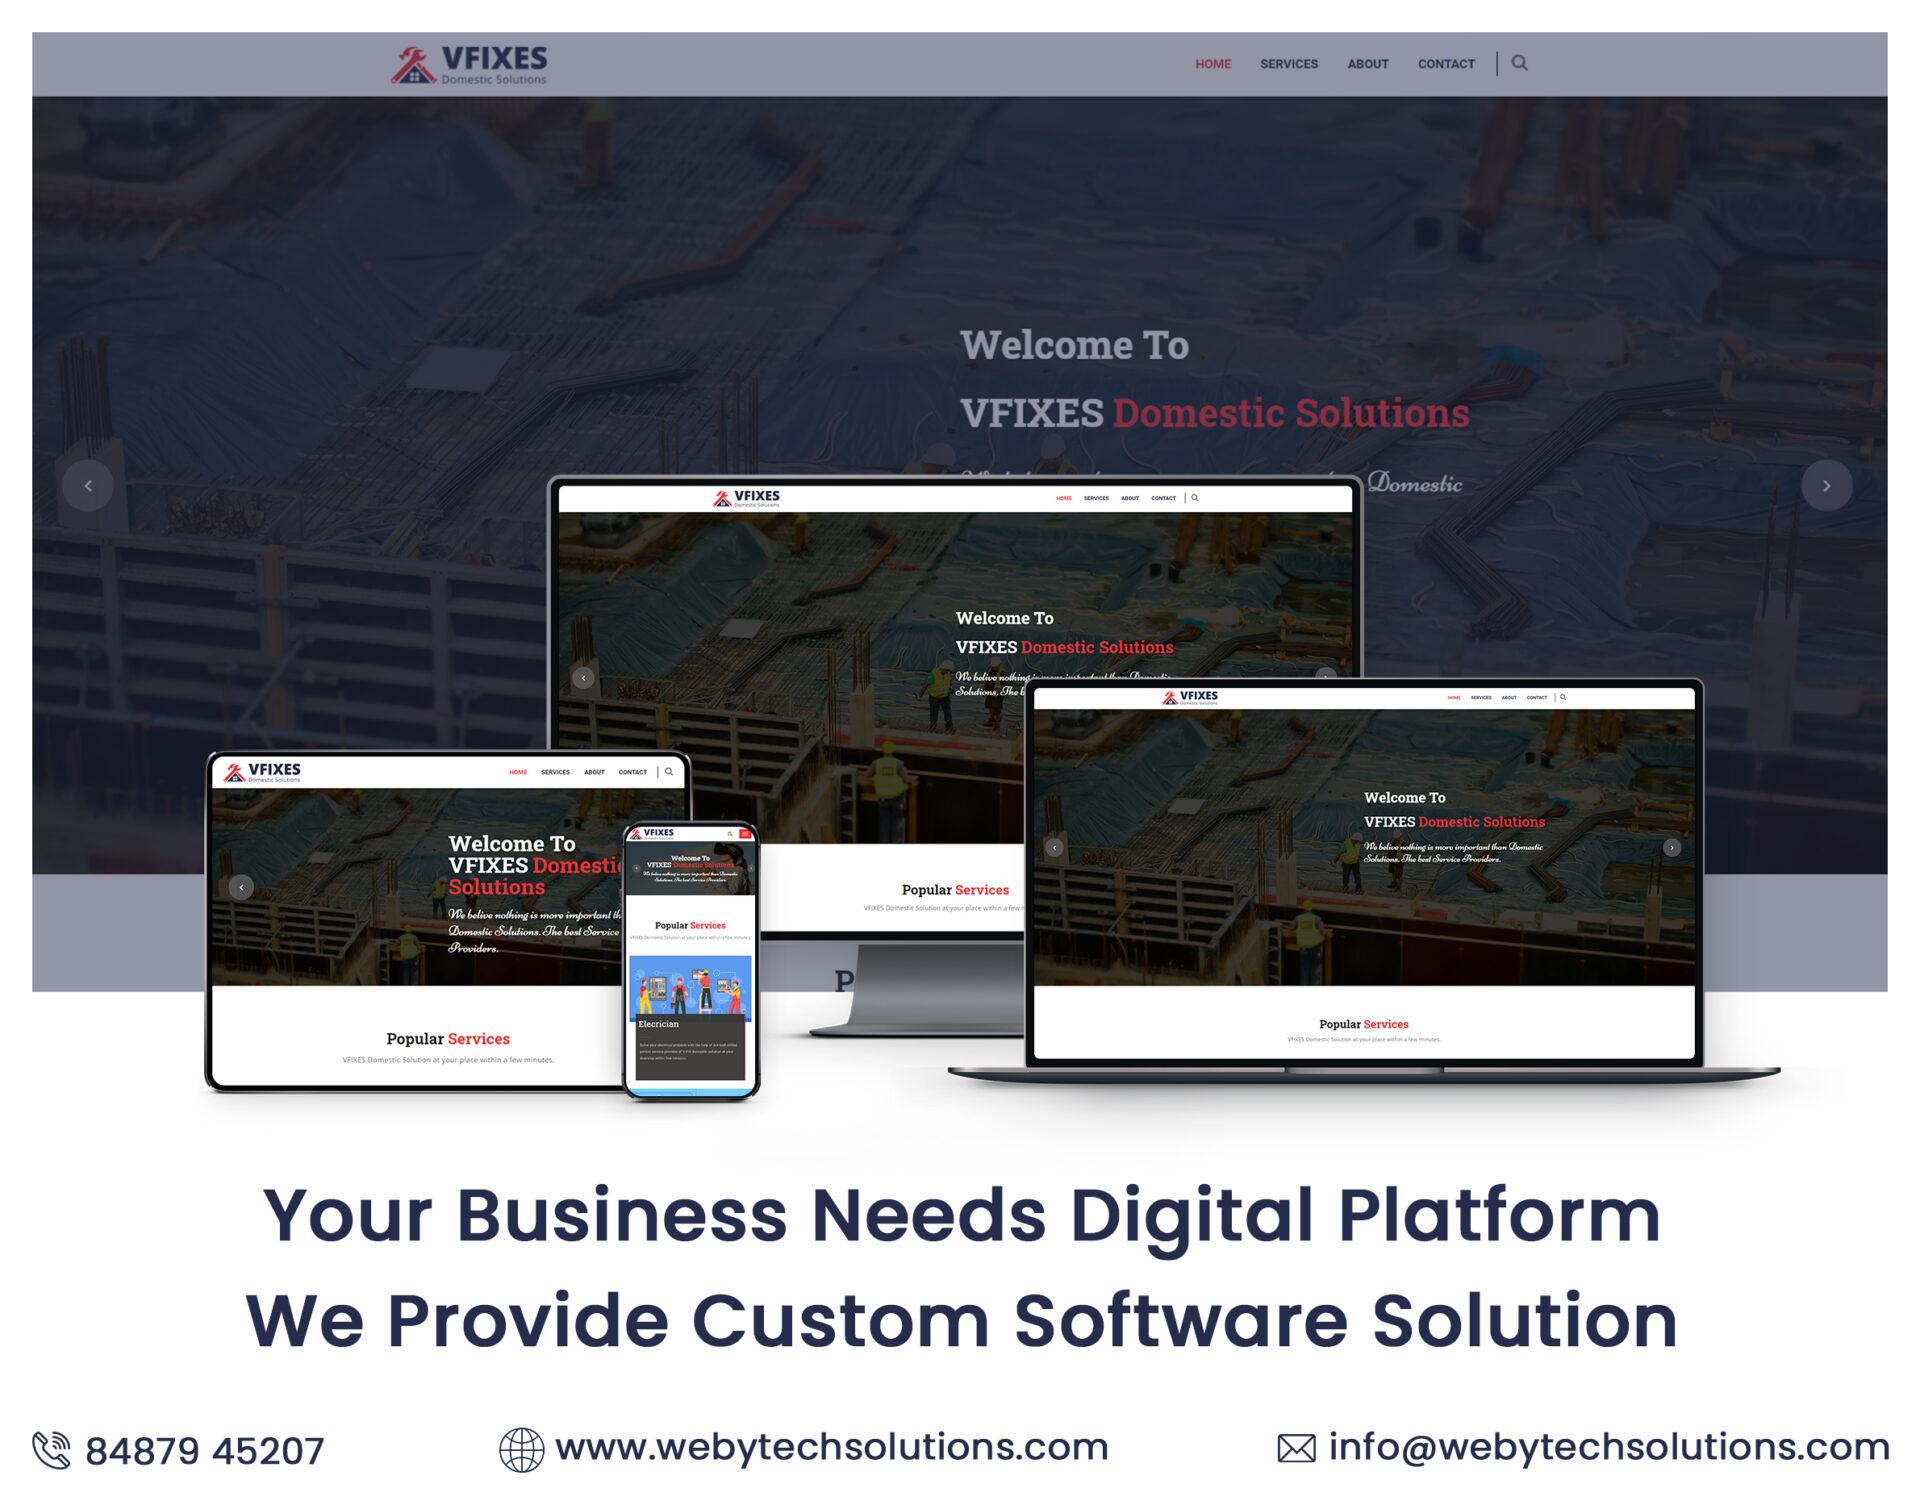 VFIXES Domestic Solutions